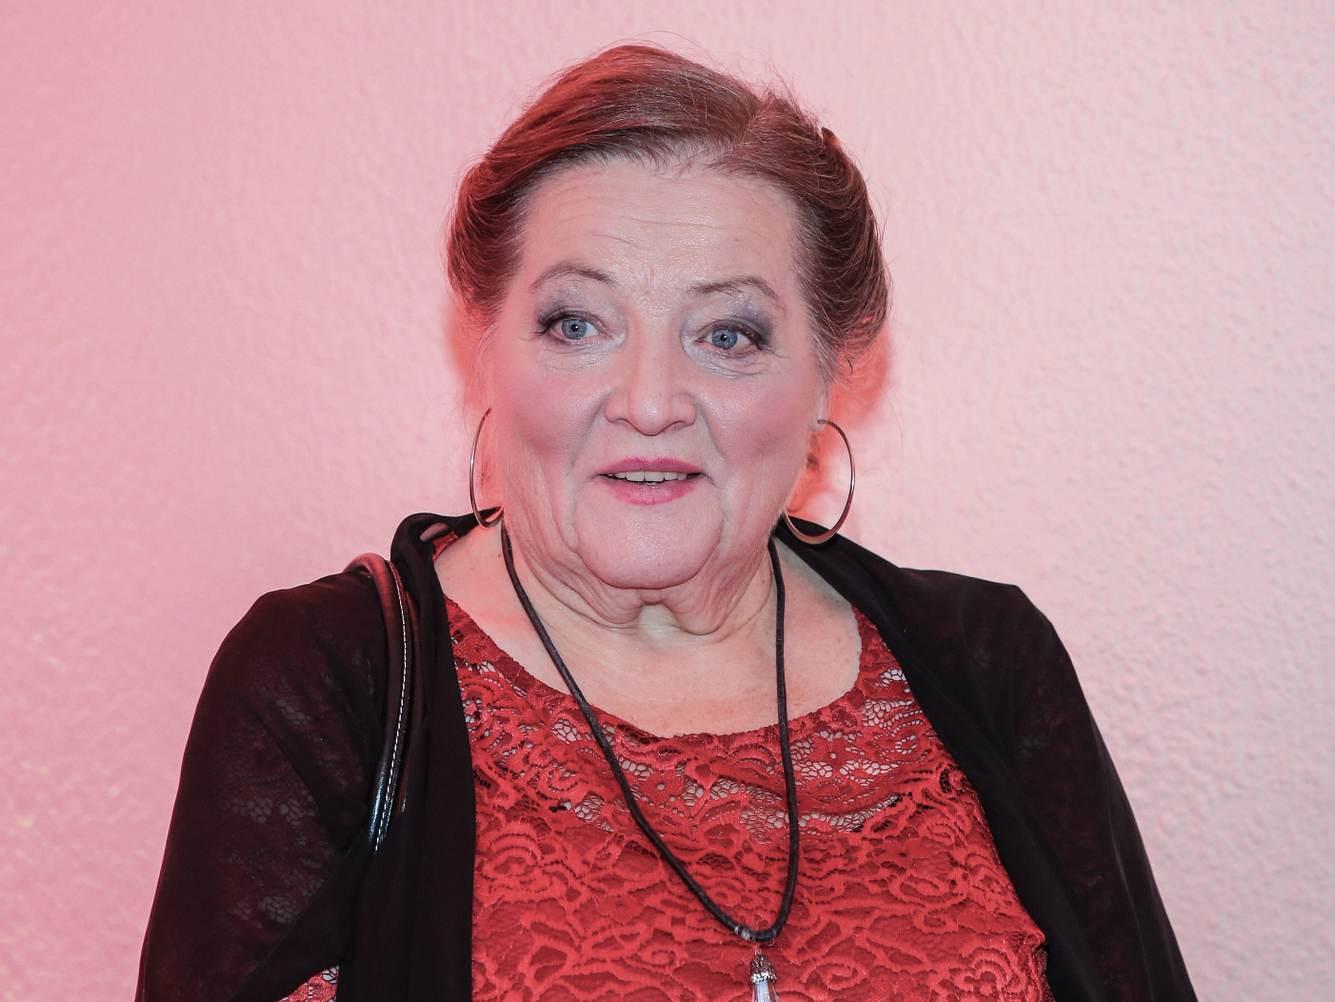 Schauspielerin Marianne Sägebrecht 2019 in Suhl.